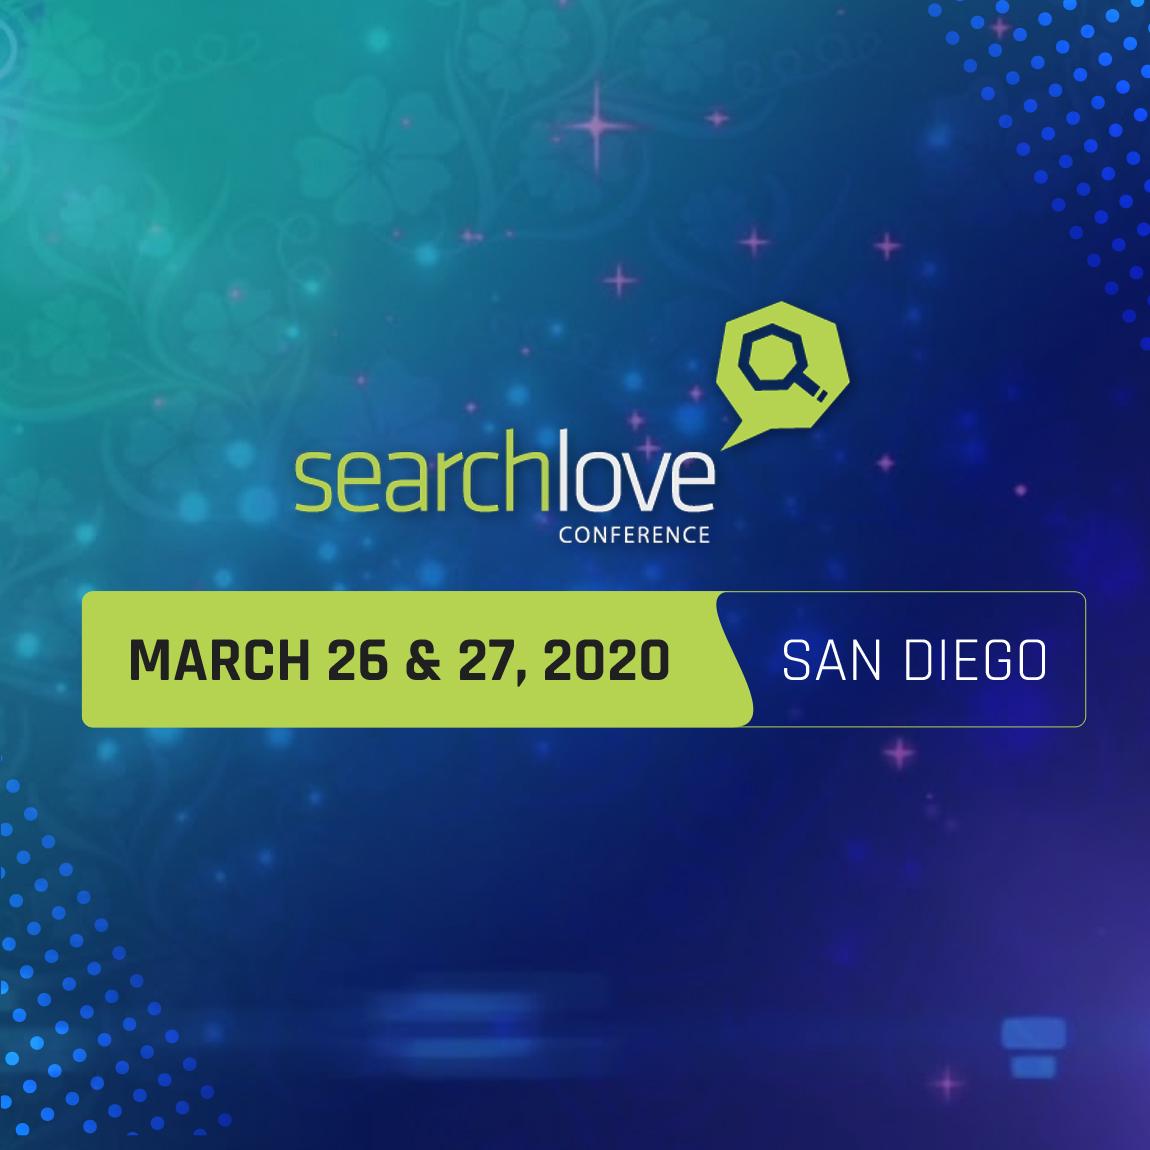 SearchLove San Diego